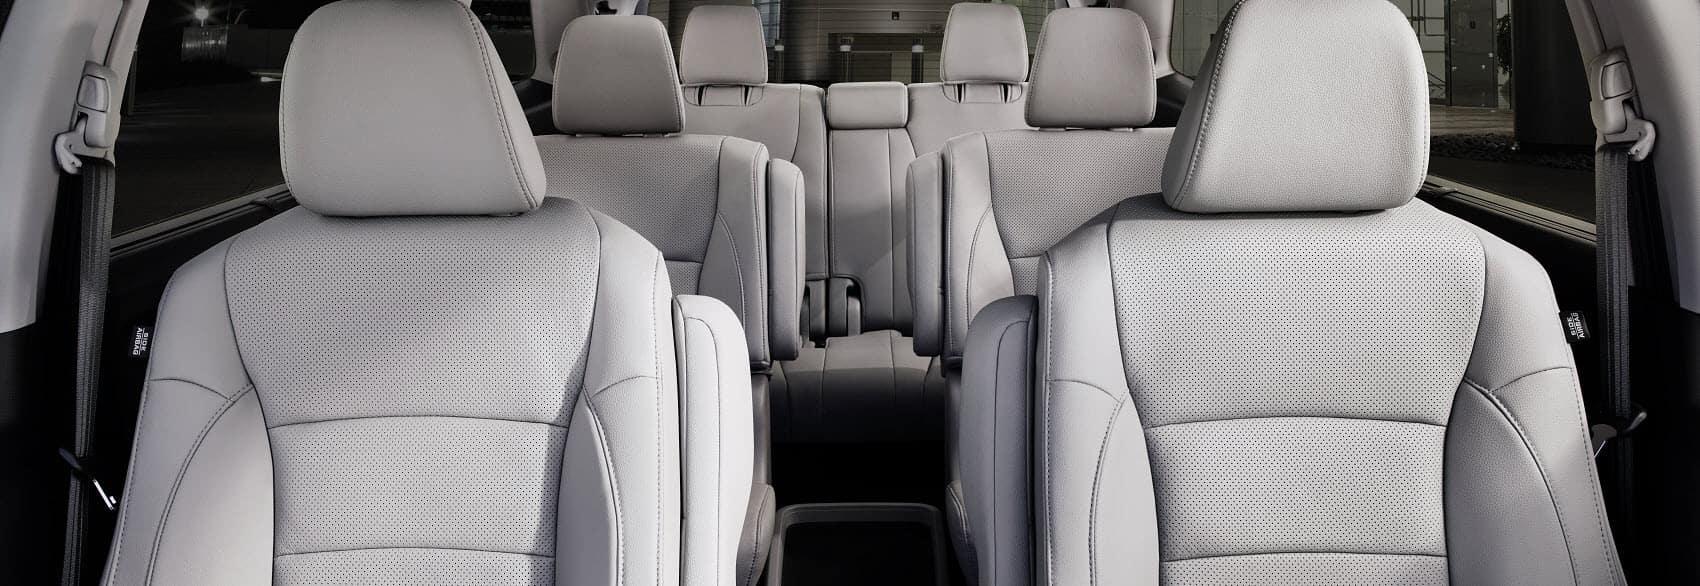 Leather Vs Cloth Seats At Braman Honda In Greenacres Fl